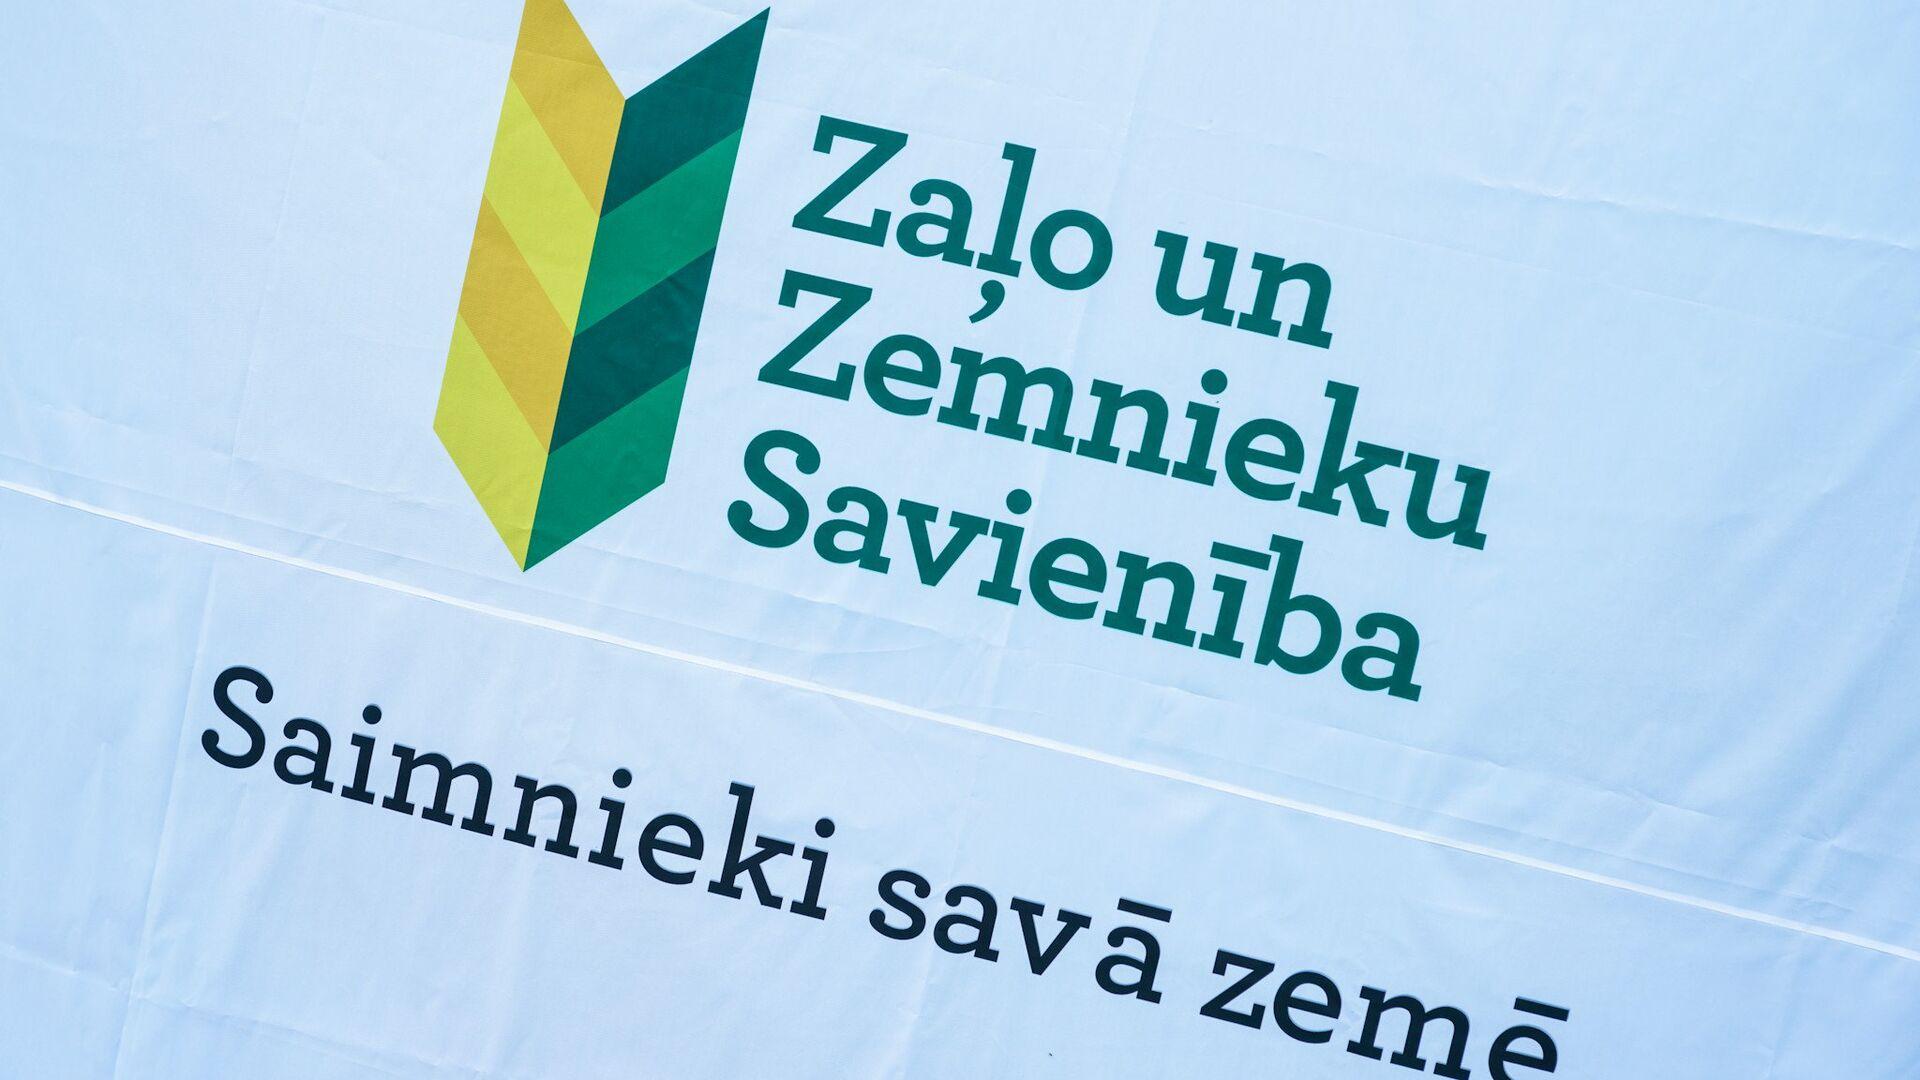 Политическая партия Союз зелёных и крестьян - Sputnik Латвия, 1920, 04.07.2021